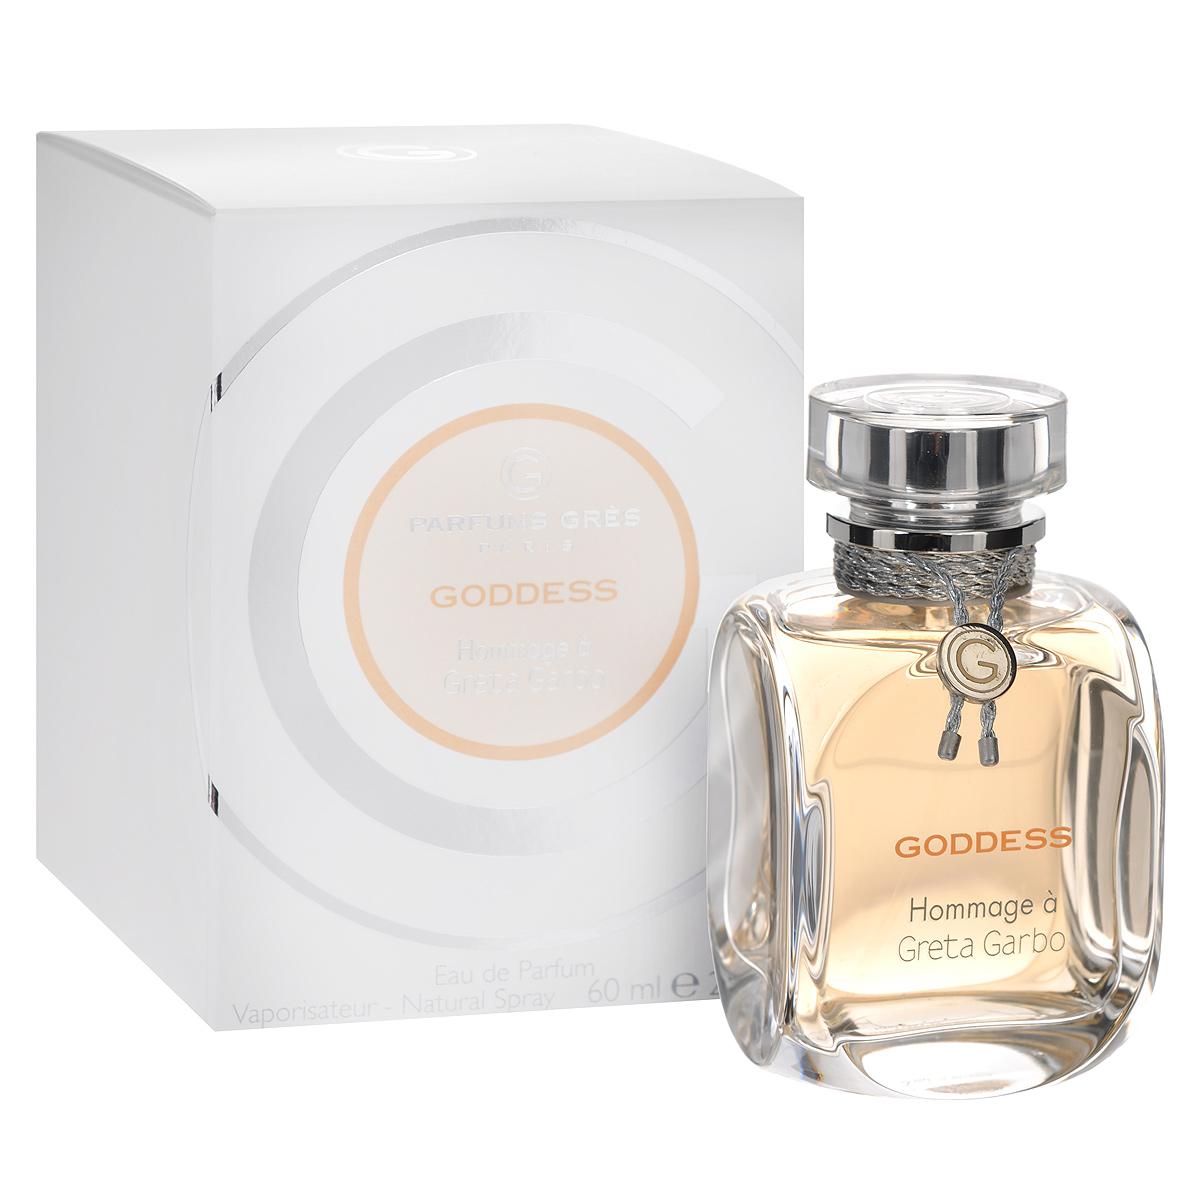 Gres Парфюмерная вода Greta Garbo Goddess, женская, 60 млC00.7560.00Утонченная парфюмерная вода Greta Garbo Goddess, разработанная Marie Salamagne, звучит посвящением величайшей кинодиве 30-х годов Грете Гарбо.Название аромата Goddess (Богиня) отражает черты самой Гарбо -это восхищение красотой, элегантностью и чувственностью знаменитой актрисы.Классификация аромата: цветочно-фруктовый.Пирамида аромата:Верхние ноты: слива, мандарин, кардамон.Ноты сердца: корица, гелиотроп, жасмин, сандал. Ноты шлейфа: древесный мох, ваниль и амбра. Ключевые слова:Элегантный, утонченный, чувственный!Самый популярный вид парфюмерной продукции на сегодняшний день - парфюмерная вода. Это объясняется оптимальным балансом цены и качества - с одной стороны, достаточно высокая концентрация экстракта (10-20% при 90% спирте), с другой - более доступная, по сравнению с духами, цена. У многих фирм парфюмерная вода - самый высокий по концентрации экстракта вид товара, т.к. далеко не все производители считают нужным (или возможным) выпускать свои ароматы в виде духов. Как правило, парфюмерная вода всегда в спрее-пульверизаторе, что удобно для использования и транспортировки. Так что если духи по какой-либо причине приобрести нельзя, парфюмерная вода, безусловно, - самая лучшая им замена.Товар сертифицирован.